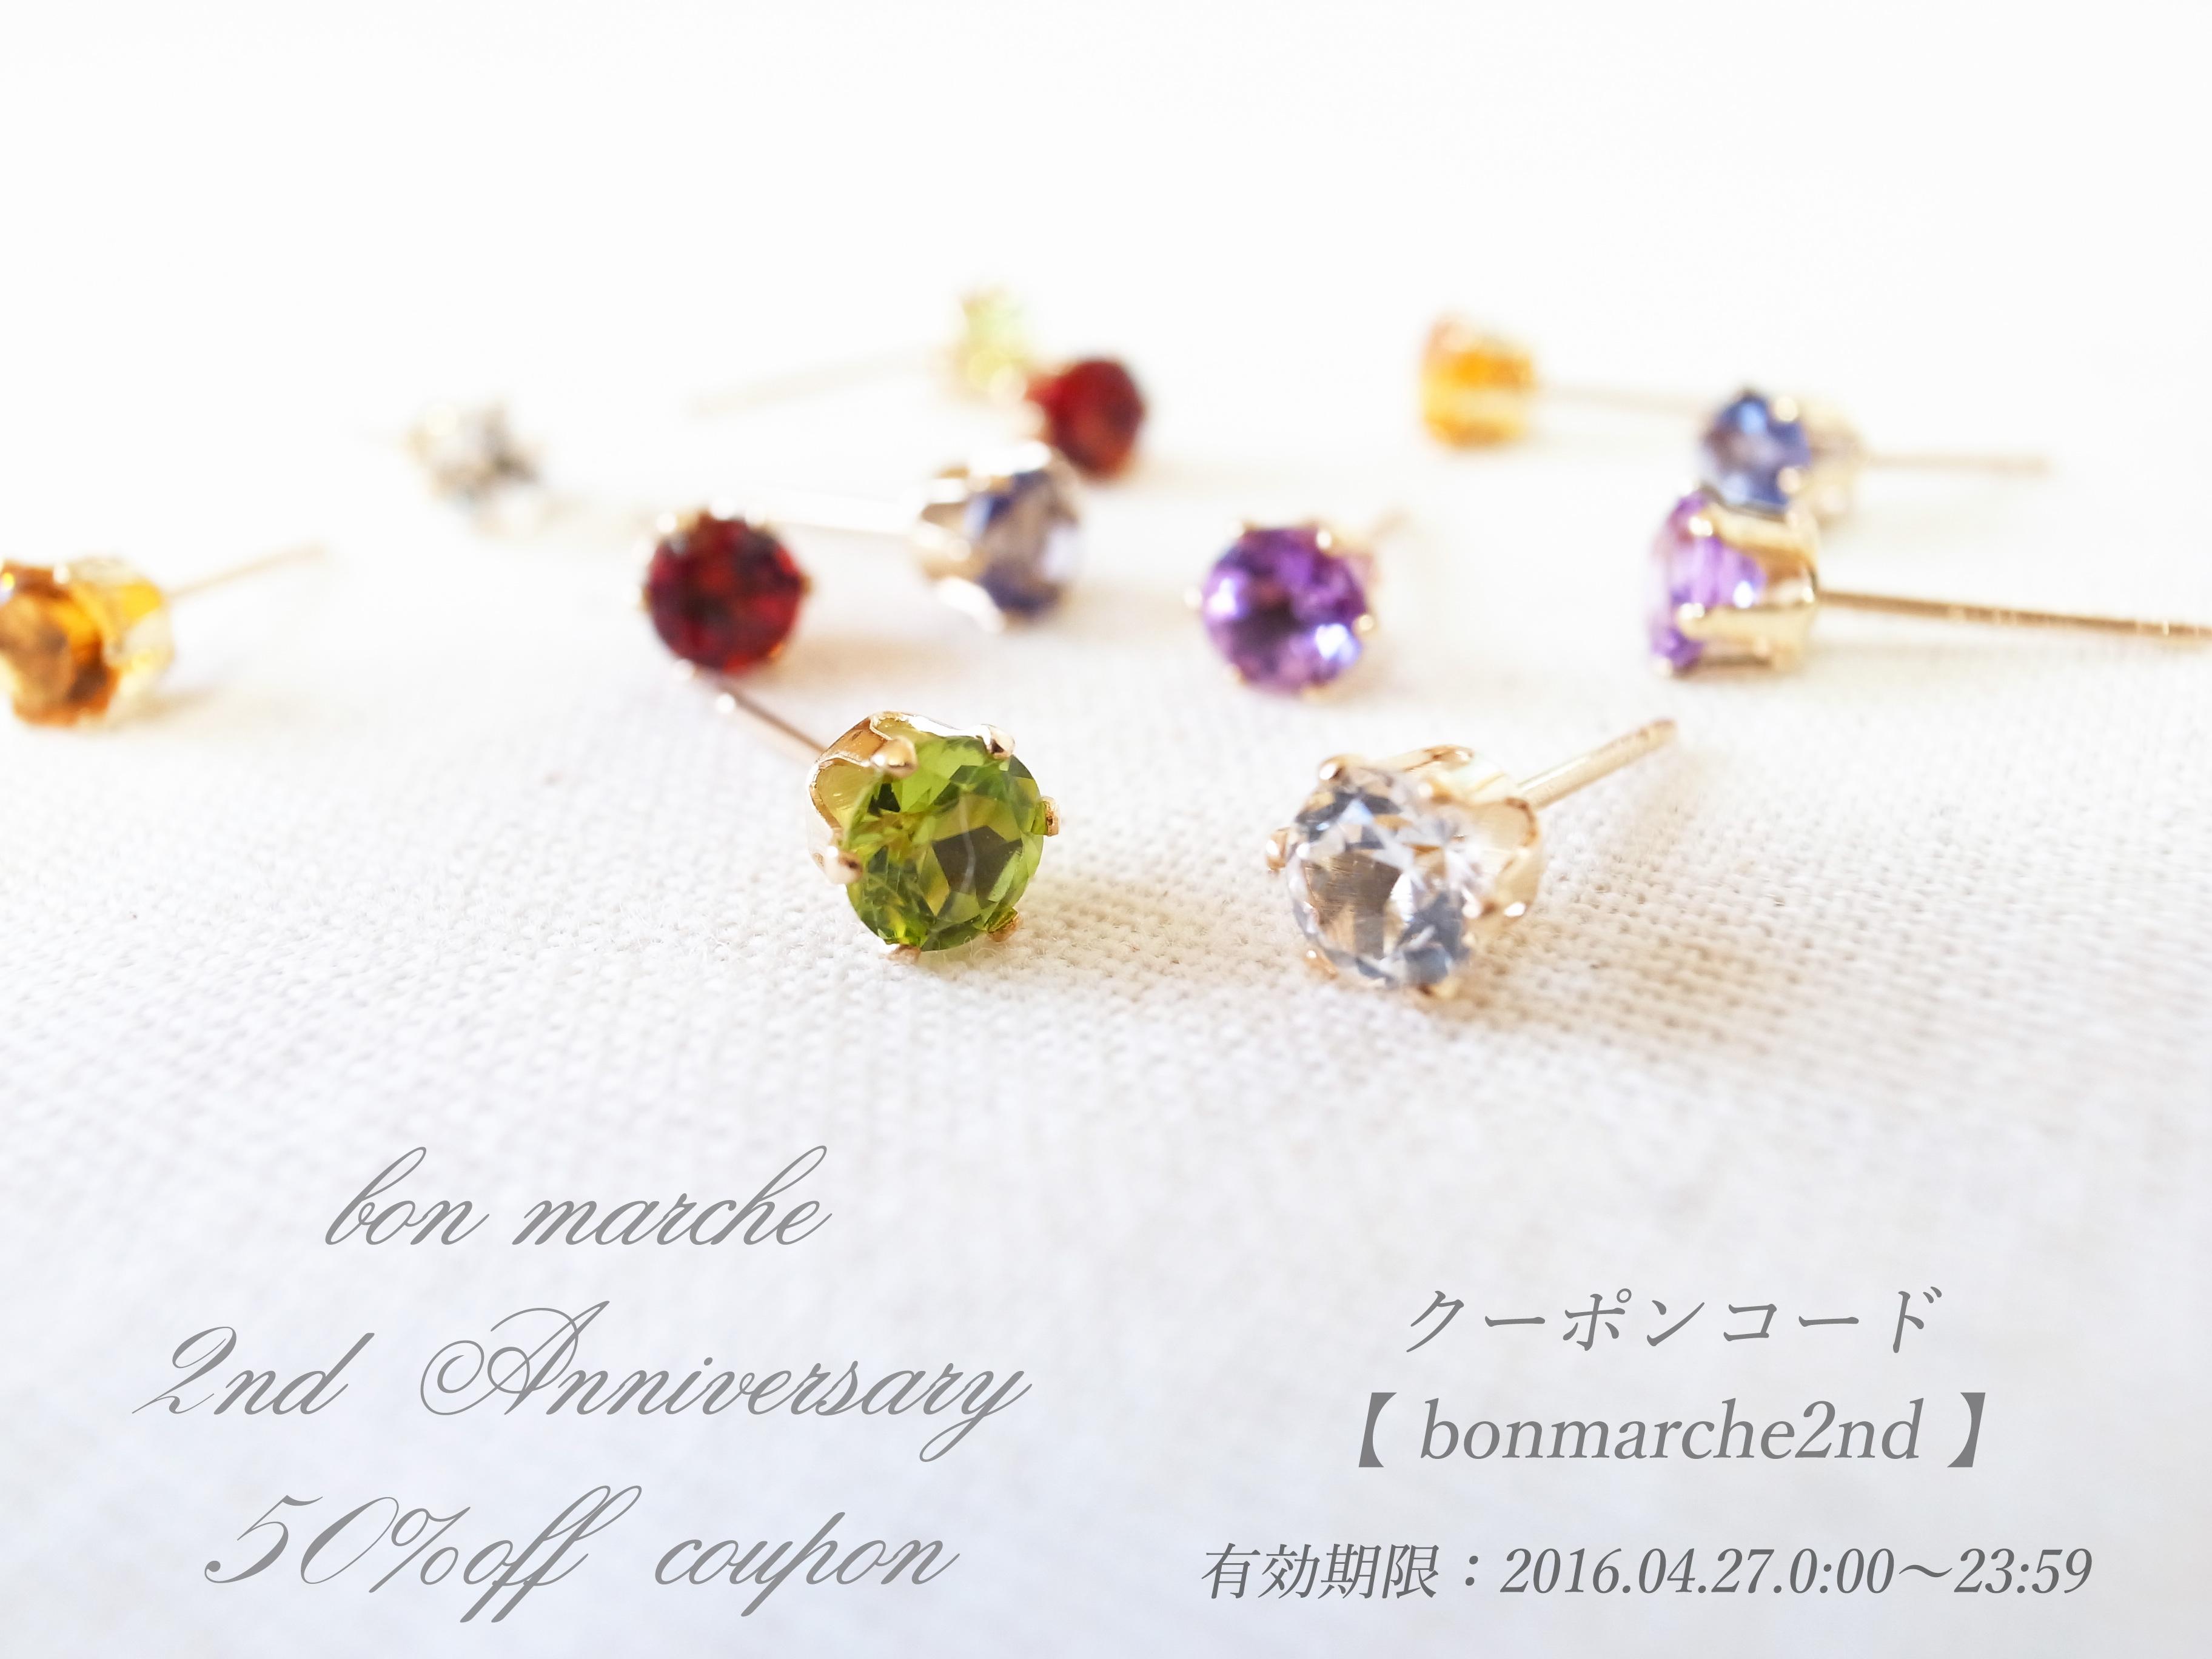 bon marche 2nd anniversary ☆